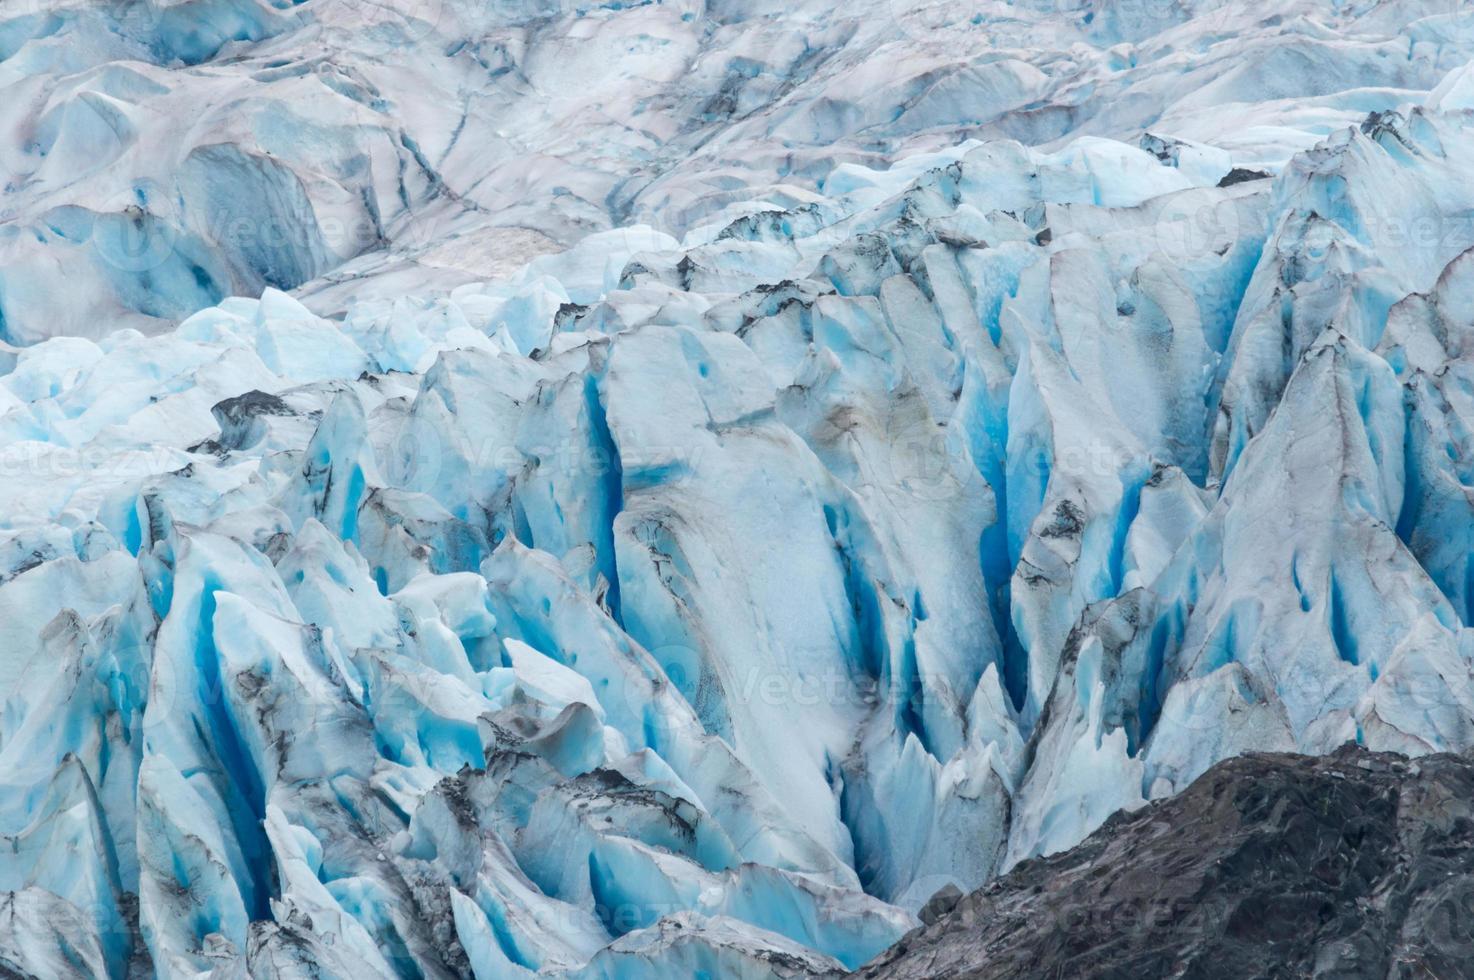 ghiaccio glaciale foto